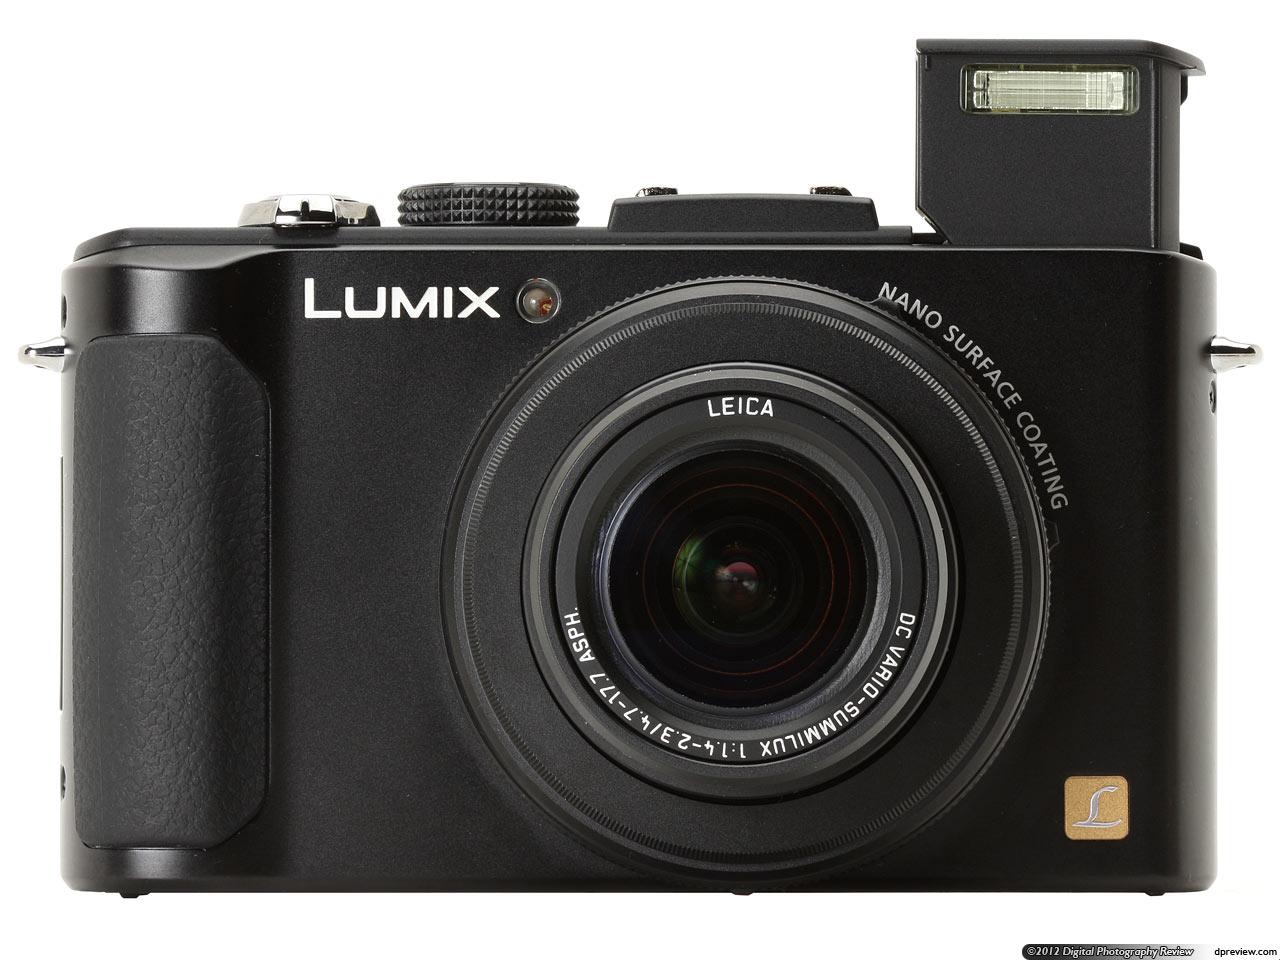 panasonic lumix dmc lx7 review digital photography review rh dpreview com panasonic lumix dmc-lx7 digital camera manual panasonic lumix dmc-lx7 manual español